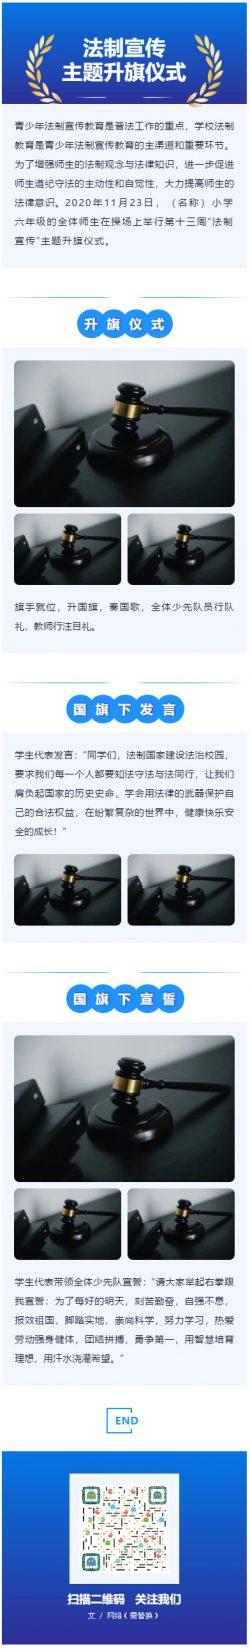 法制宣传国家宪法日微信服务号模板推文素材